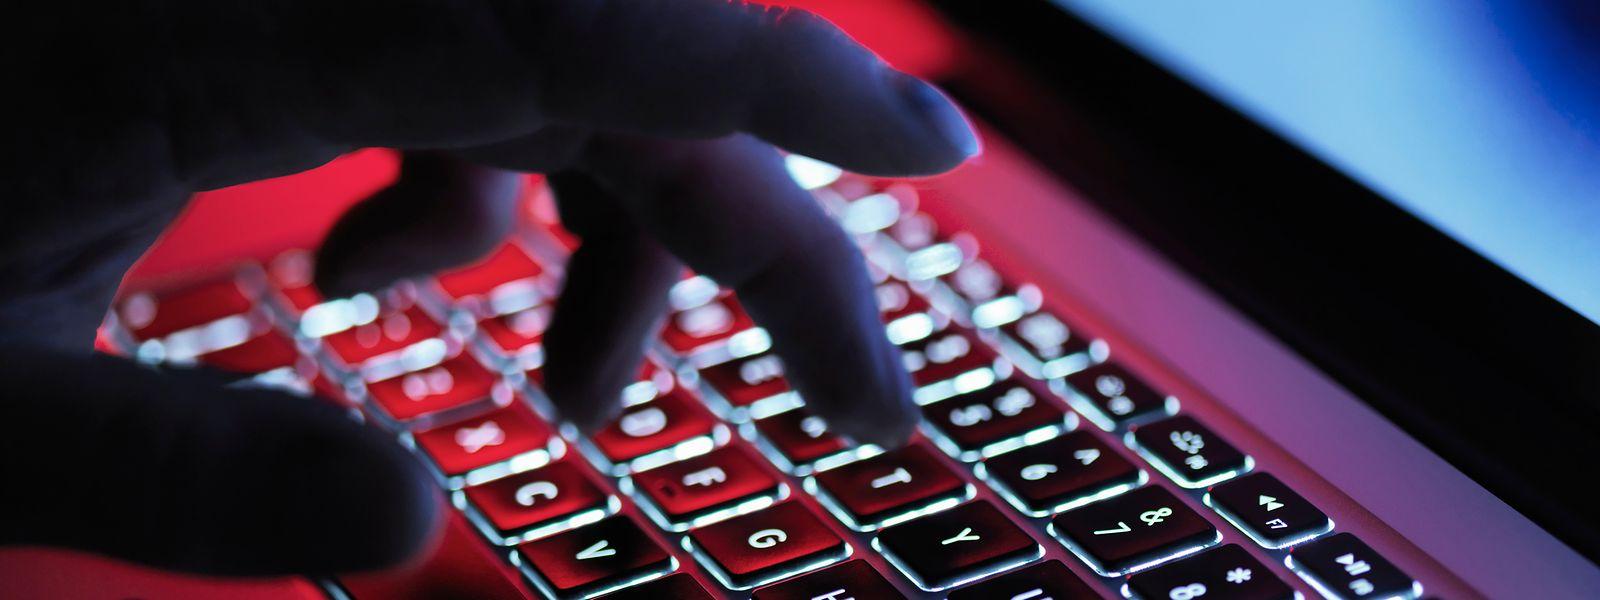 Internet est utilisé par plus de la moitié de la population mondiale.